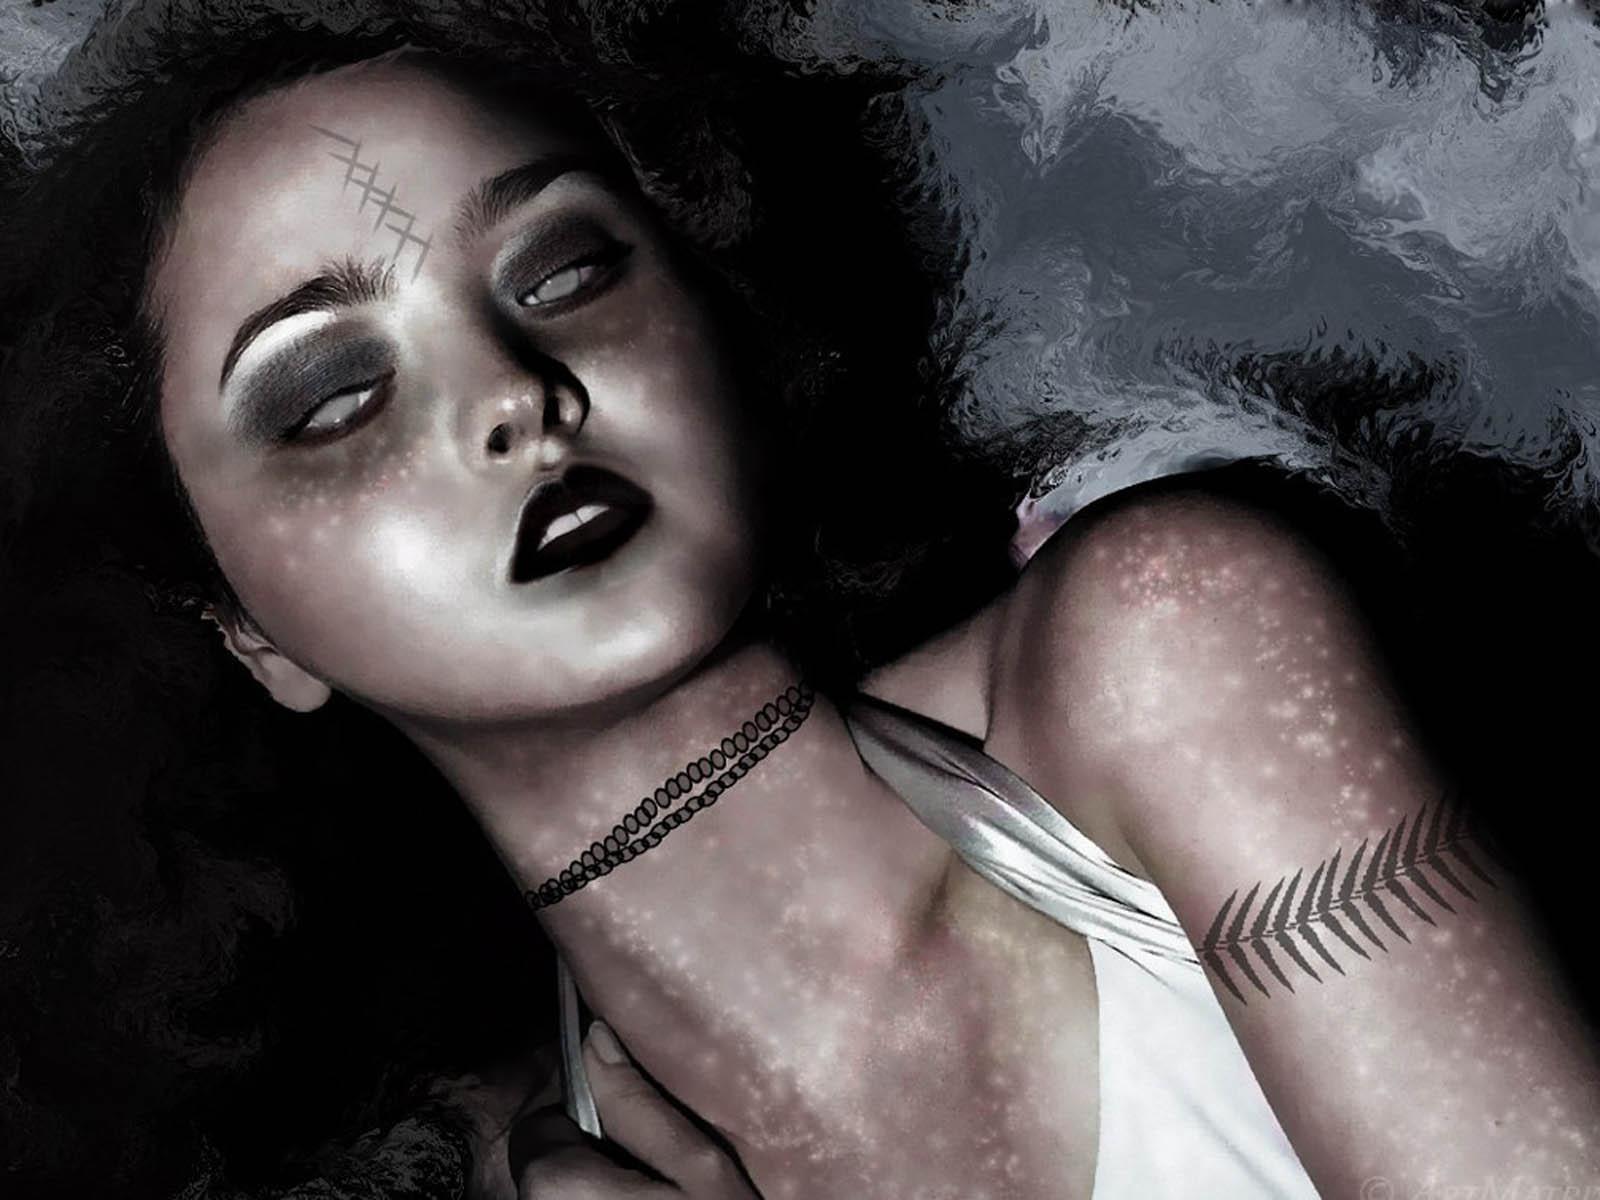 gothic wallpaper goth girls - photo #12